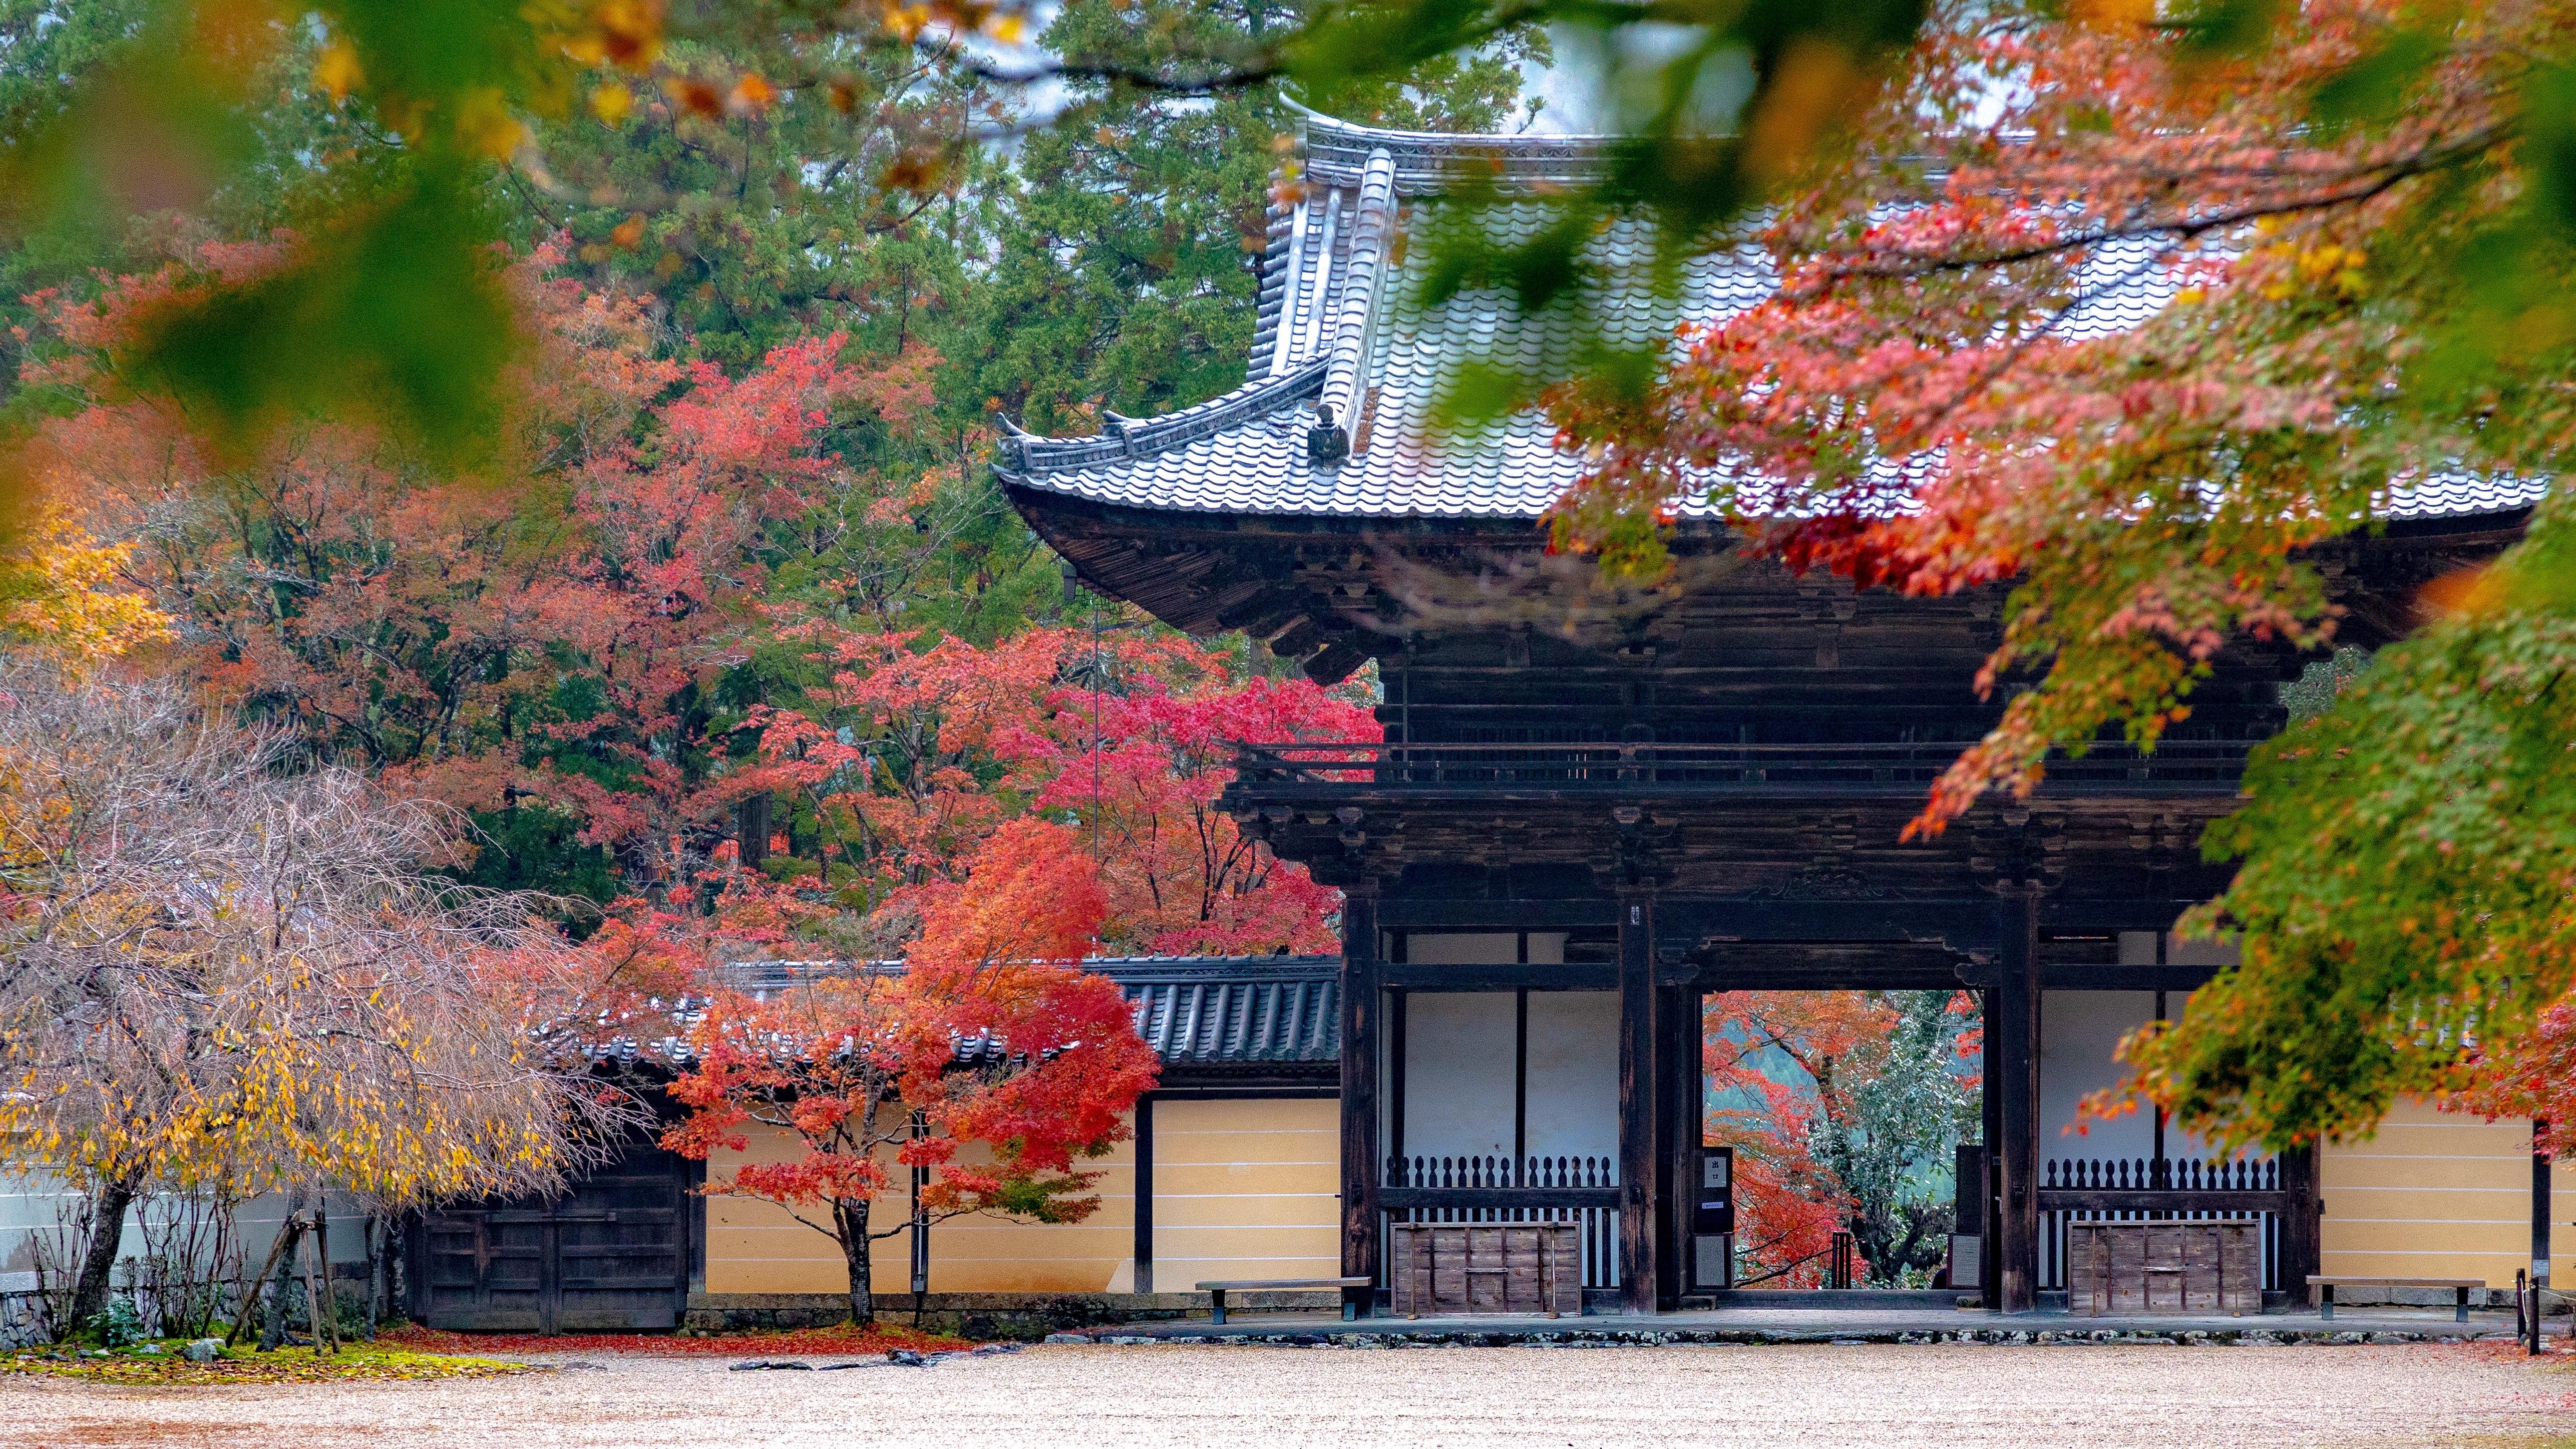 f:id:Shotetsuan:20181124172450j:image